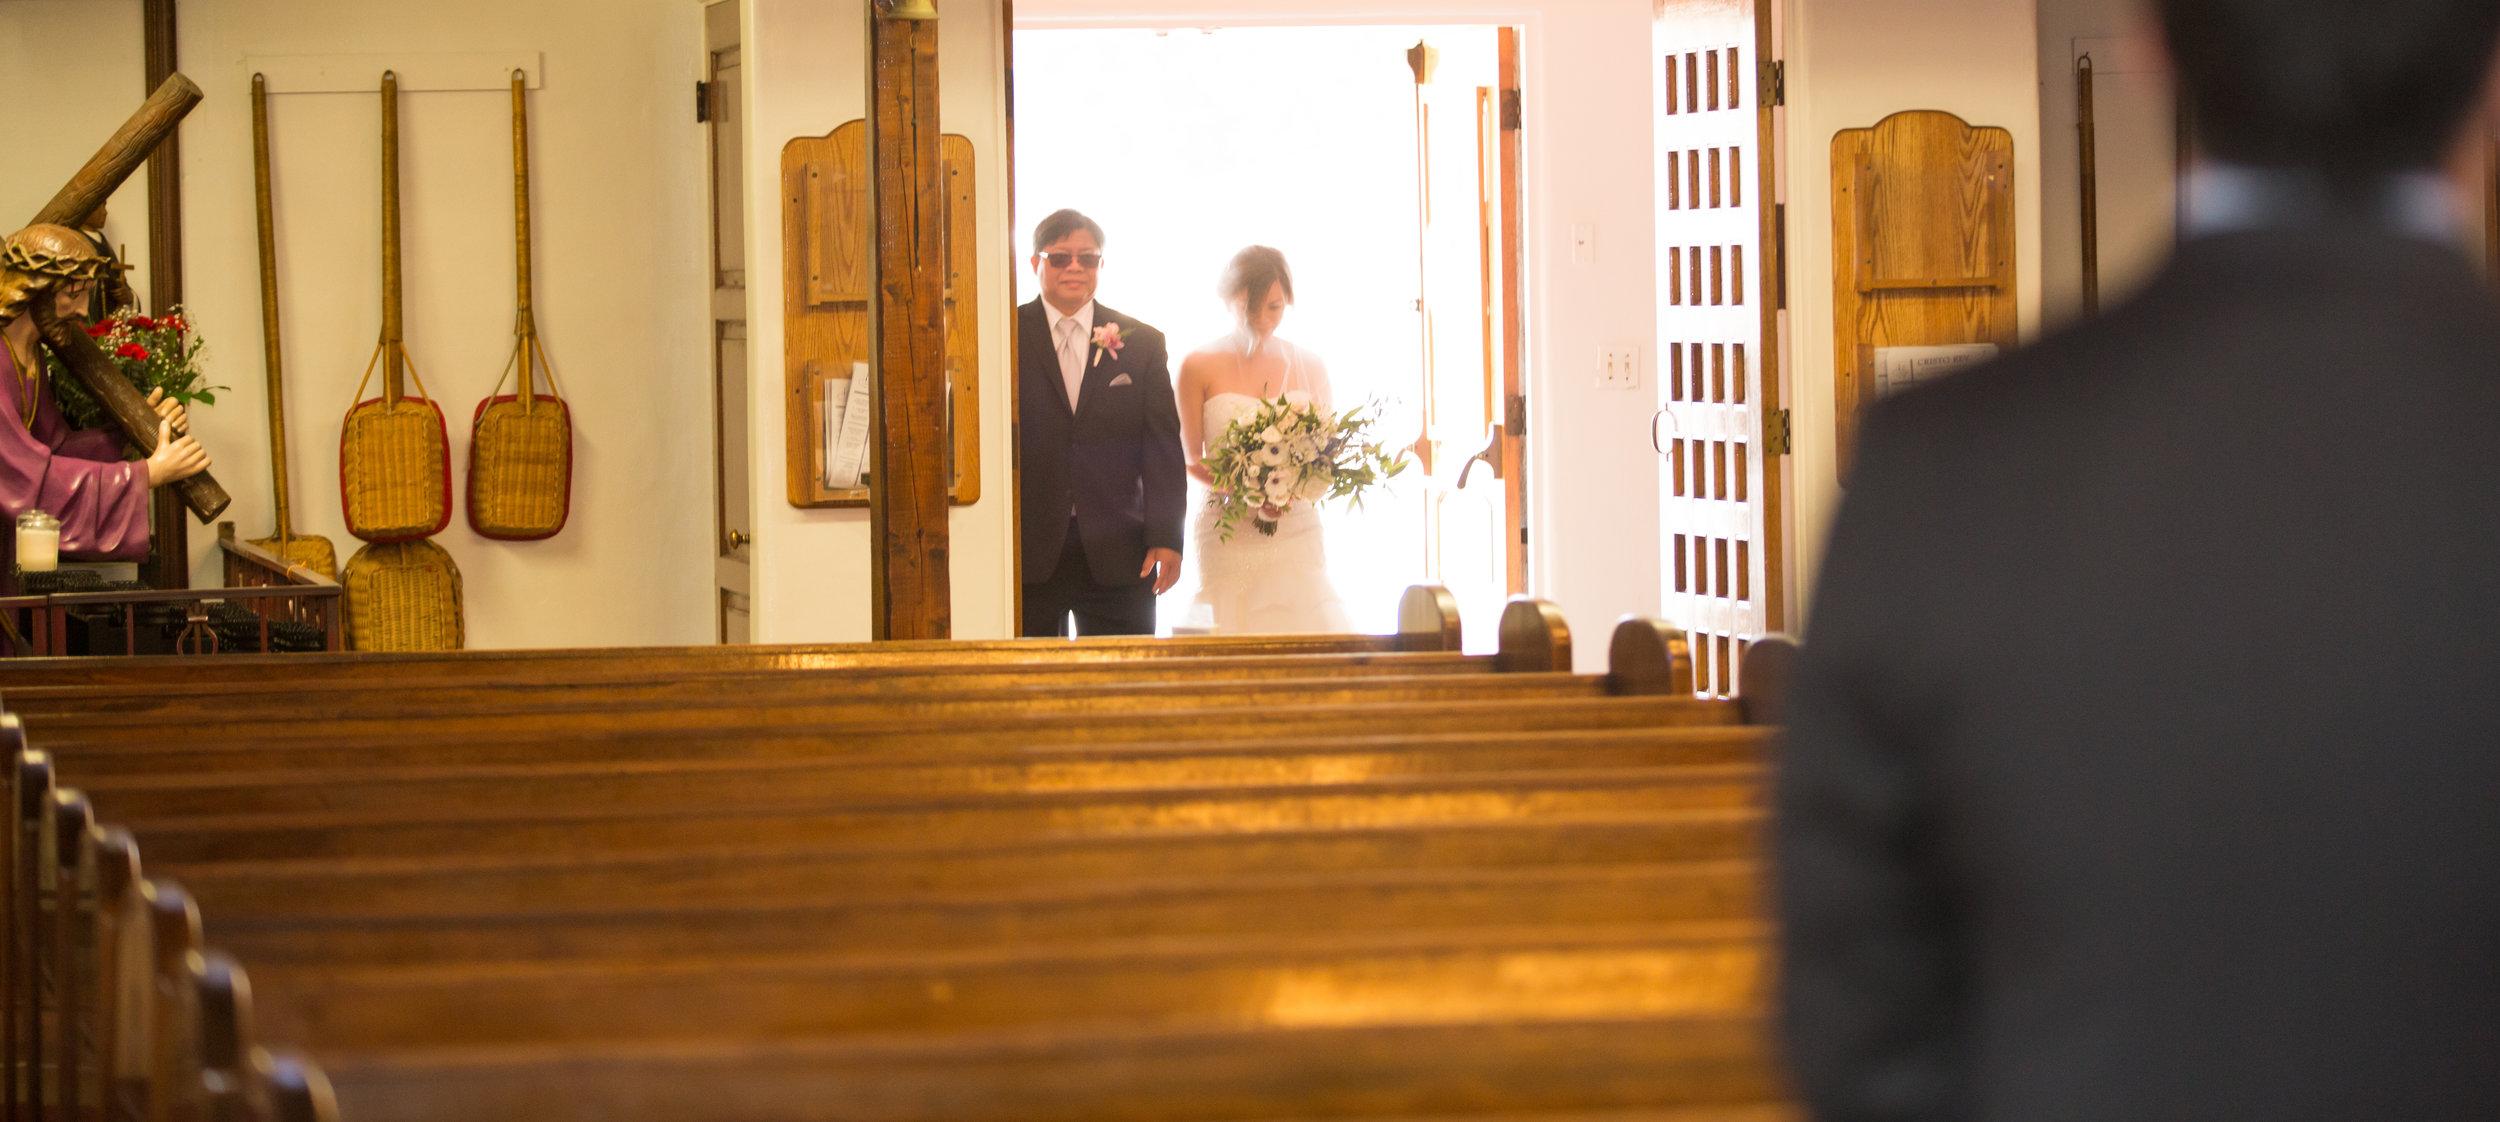 Tina and Jorge - Ceremony-29.jpg